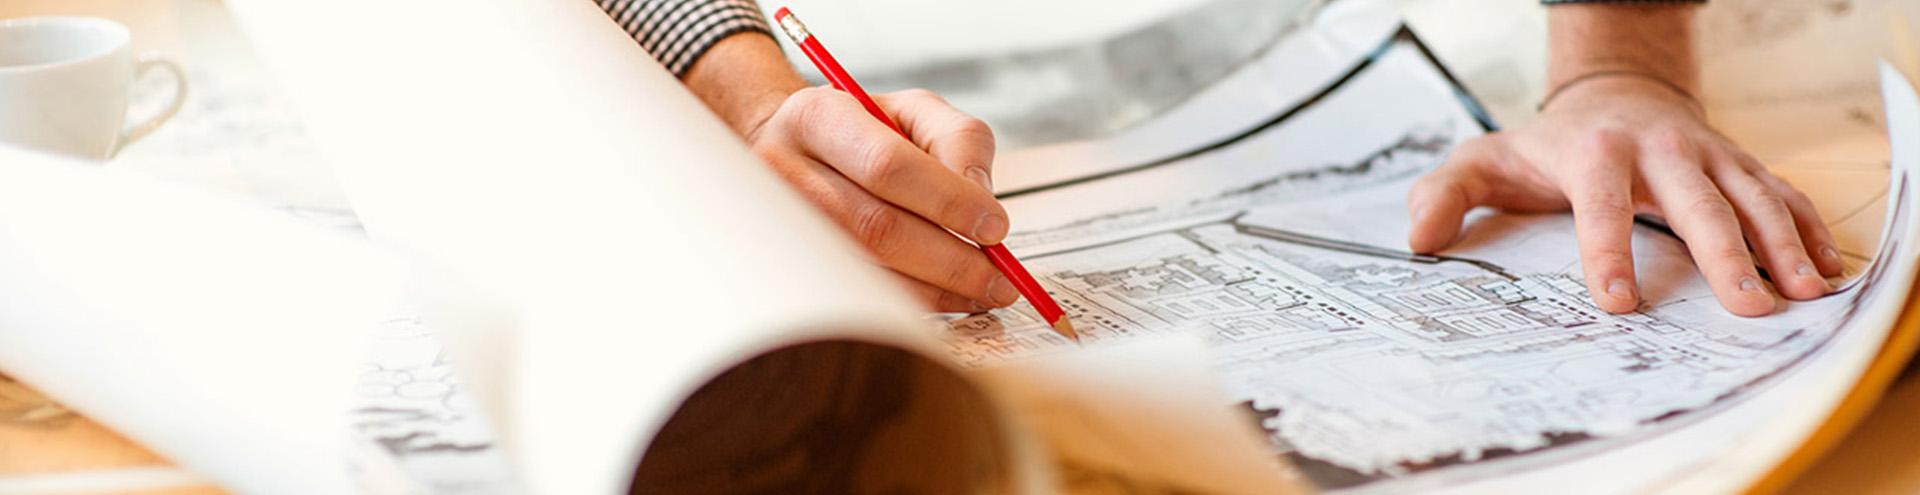 установление сервитута для юридических лиц в Ижевске